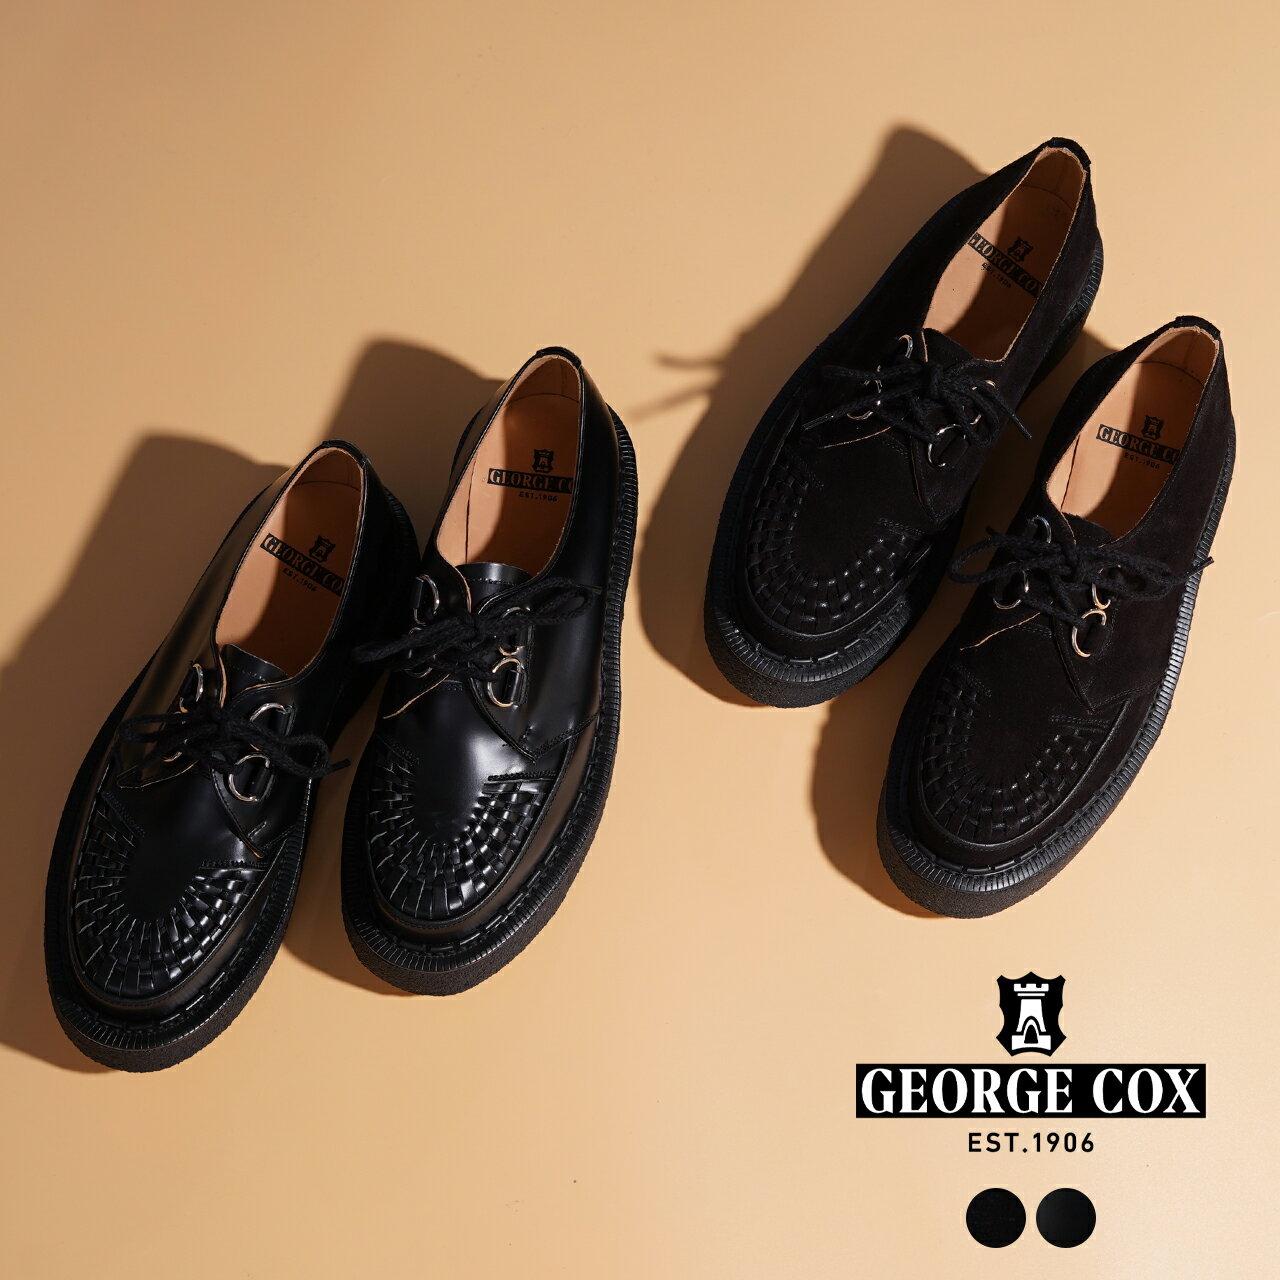 メンズ靴, デッキシューズ 10OFF GEORGE COX 3588 VI D RING GIBSON Creeper VI-SOLE 2021 1026